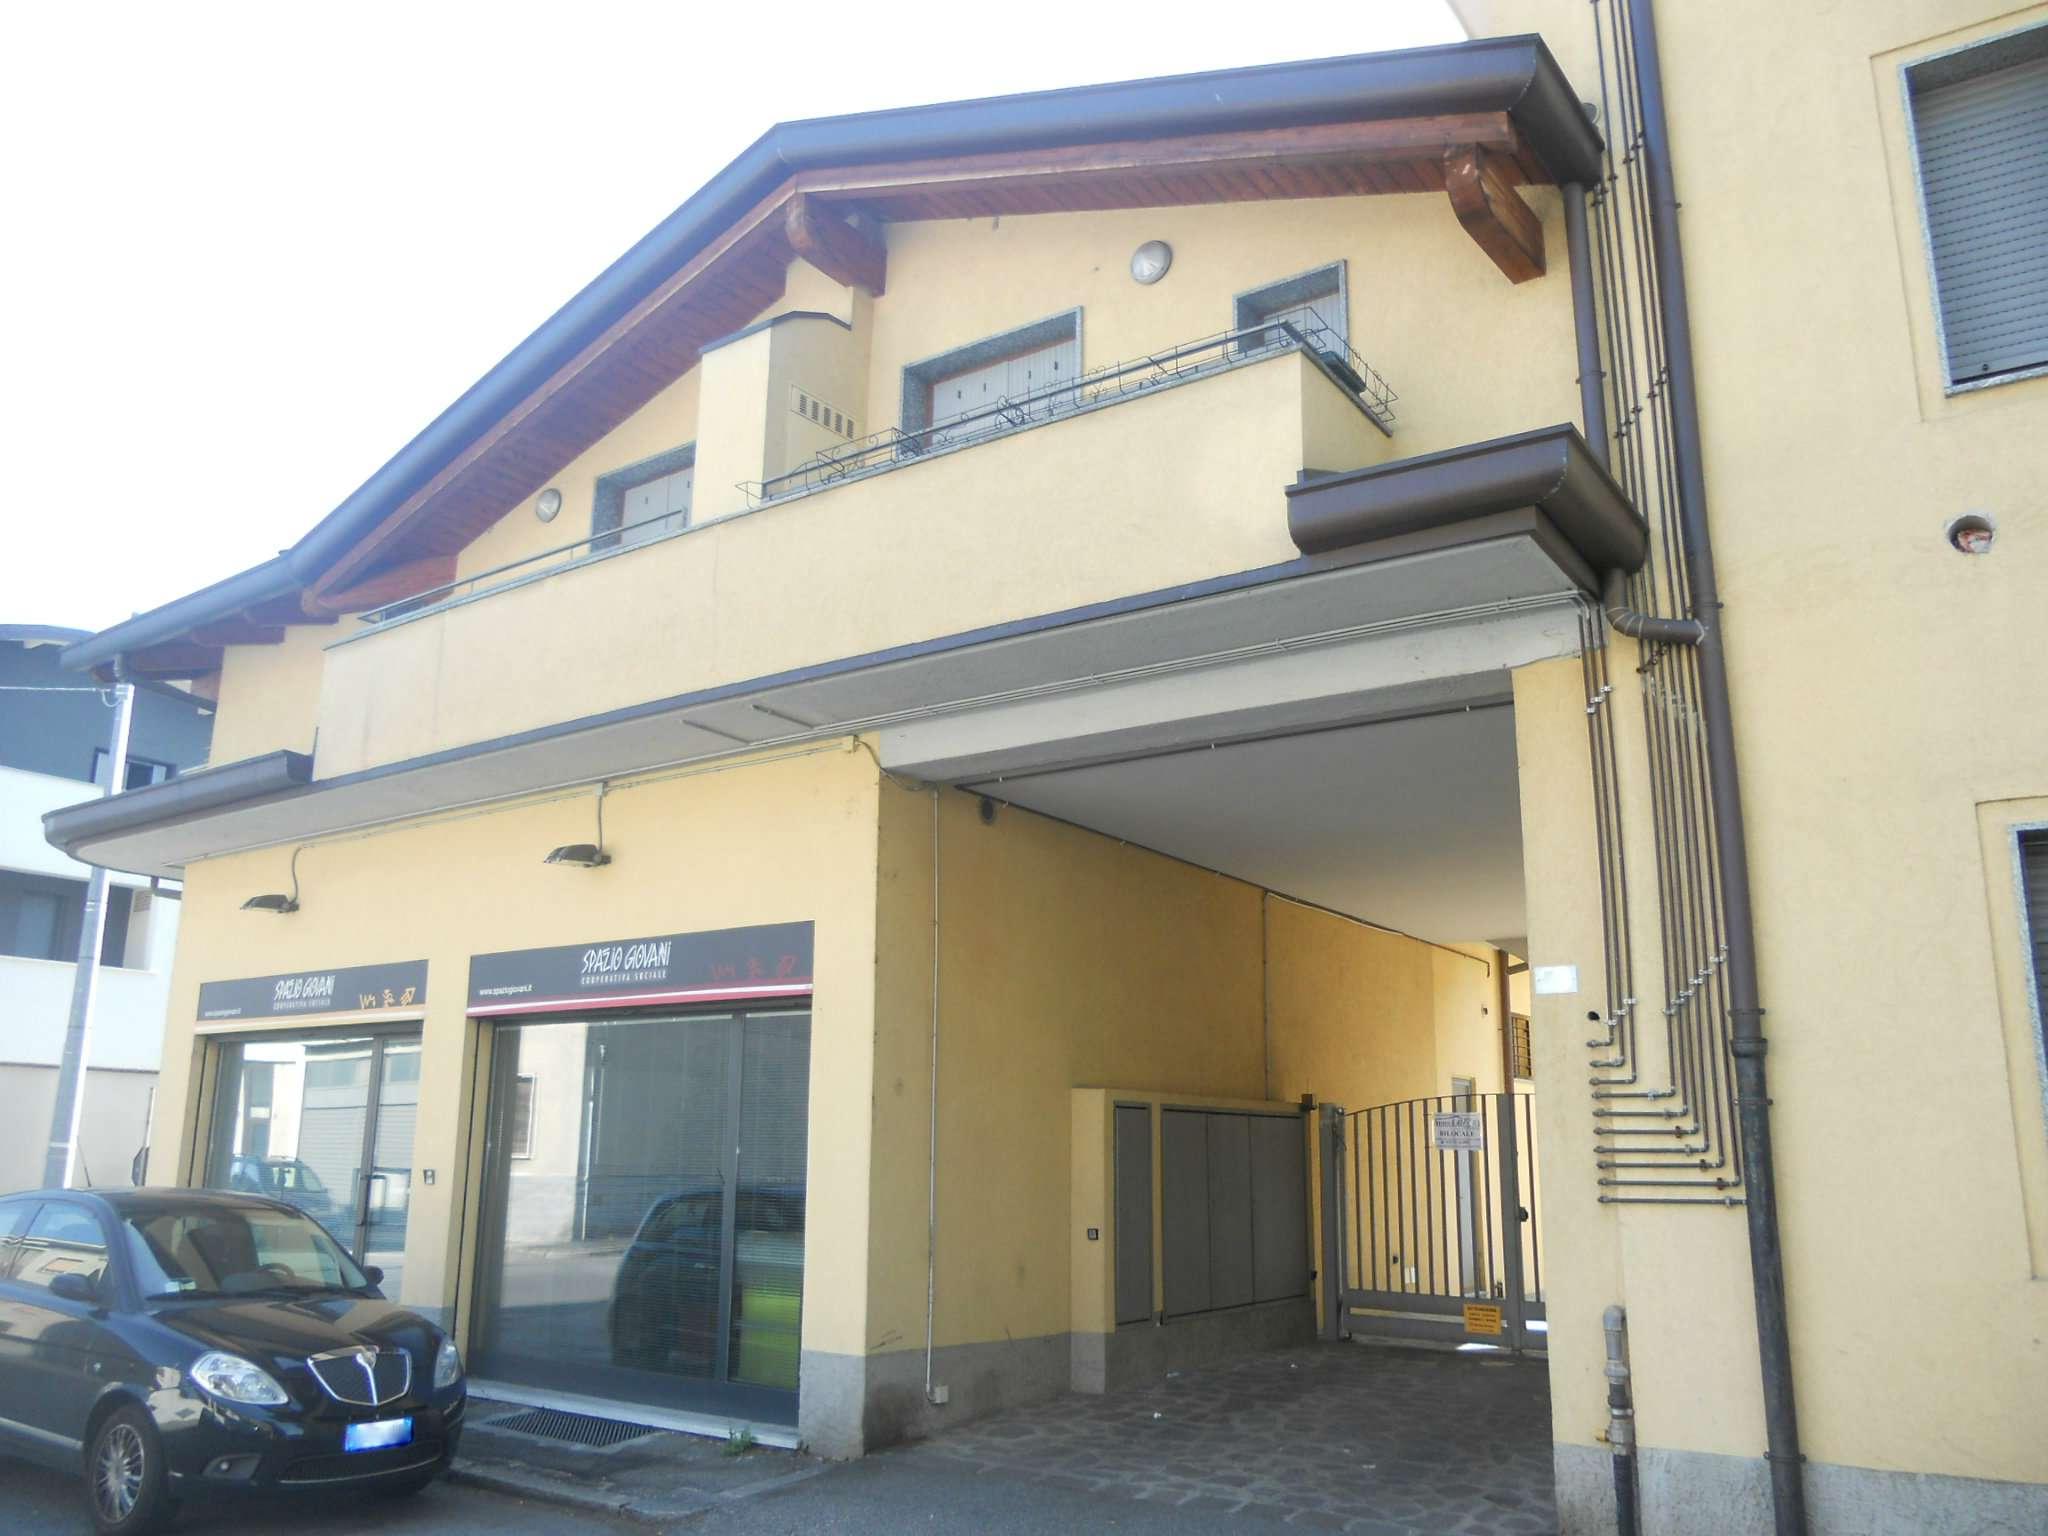 Attico / Mansarda in vendita a Lissone, 2 locali, prezzo € 99.000 | PortaleAgenzieImmobiliari.it